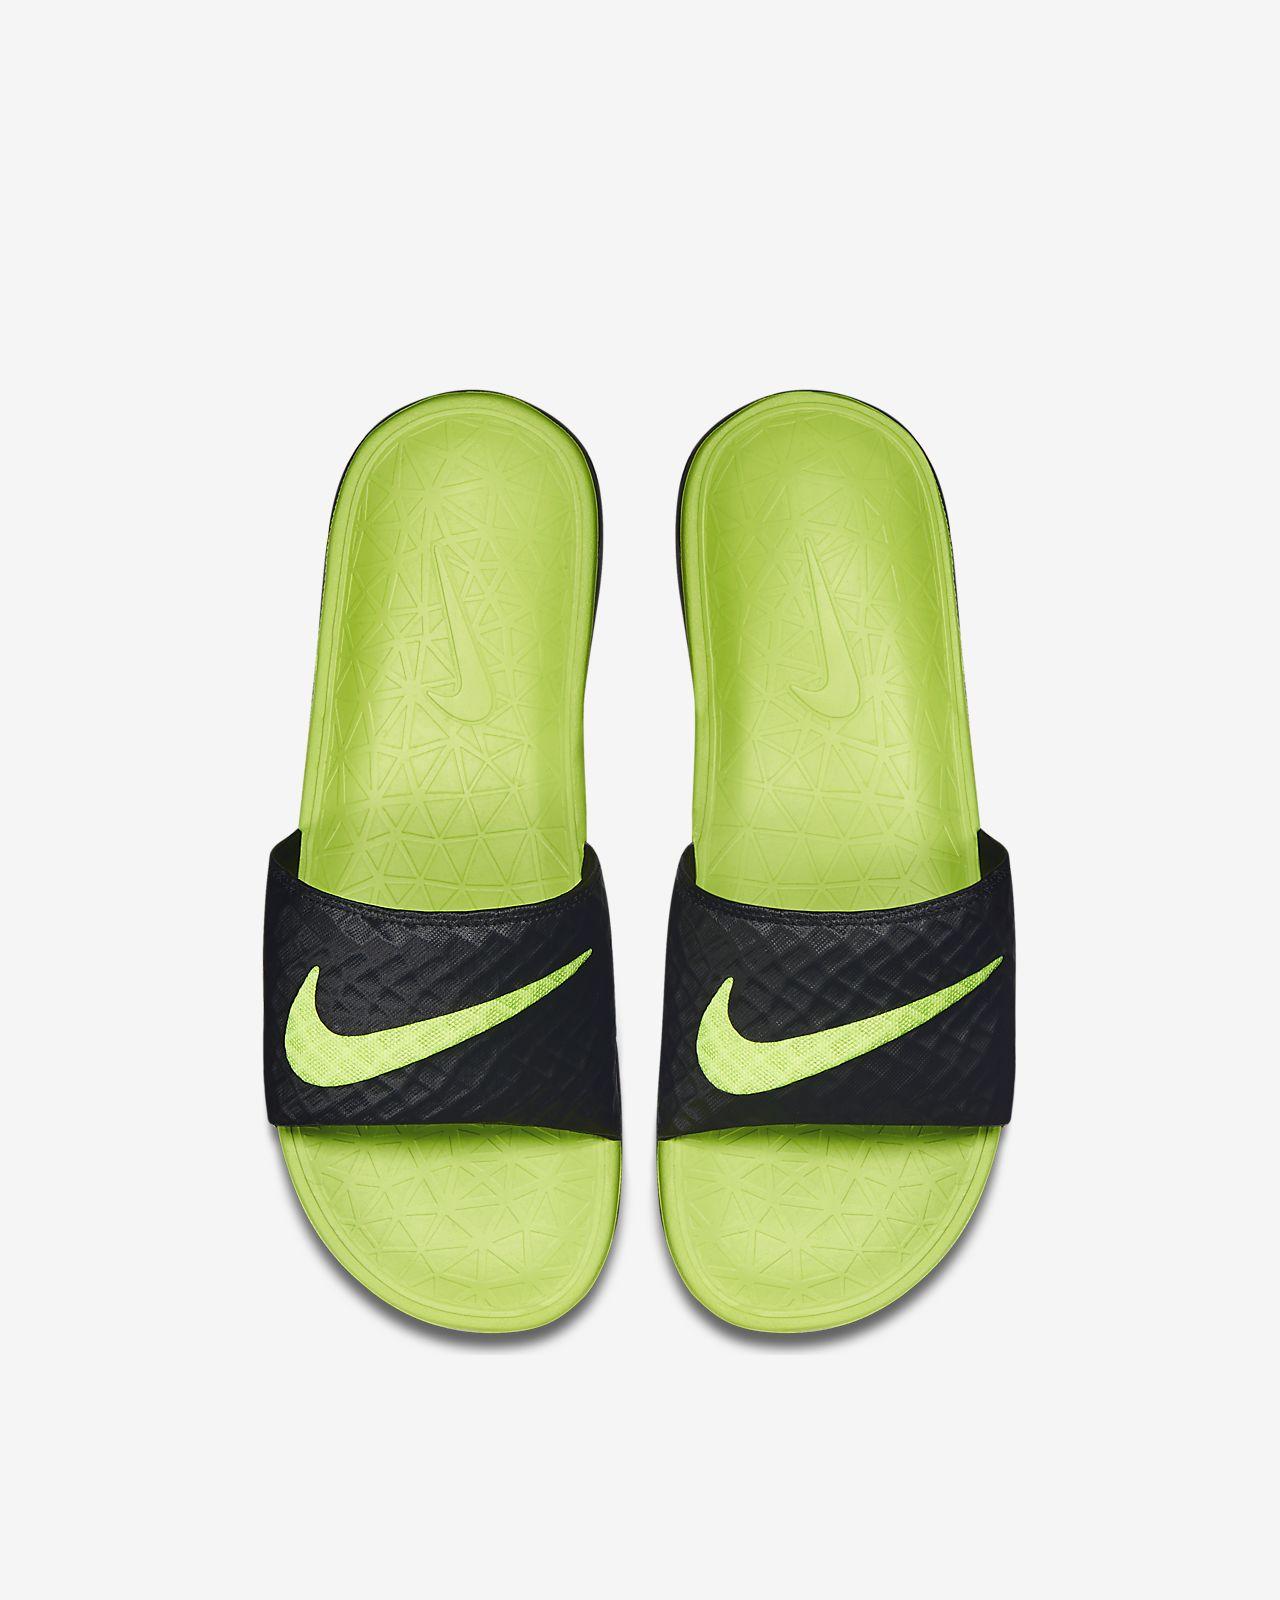 fc59c436d986 Nike Benassi Solarsoft 2 Men s Slide. Nike.com